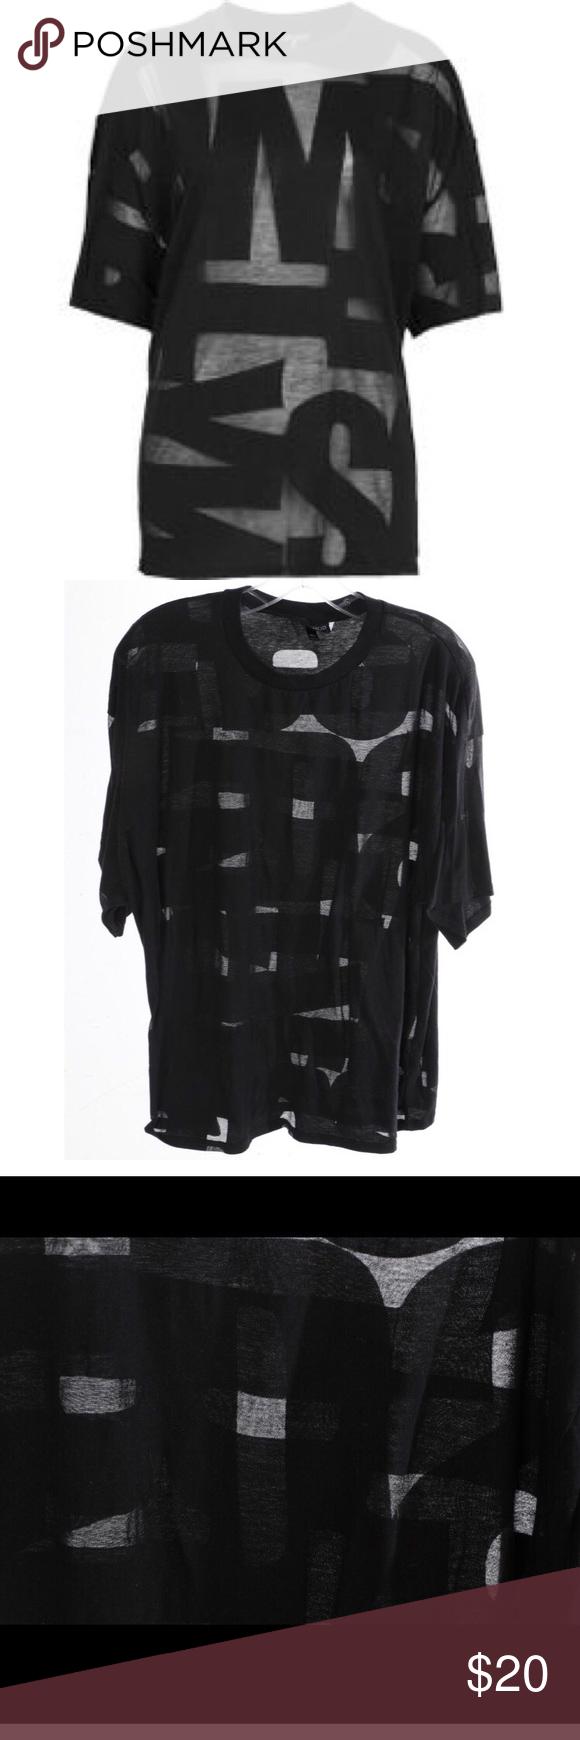 Rare Topshop Burnout Letters TShirt Sheer Black  Sheer Material